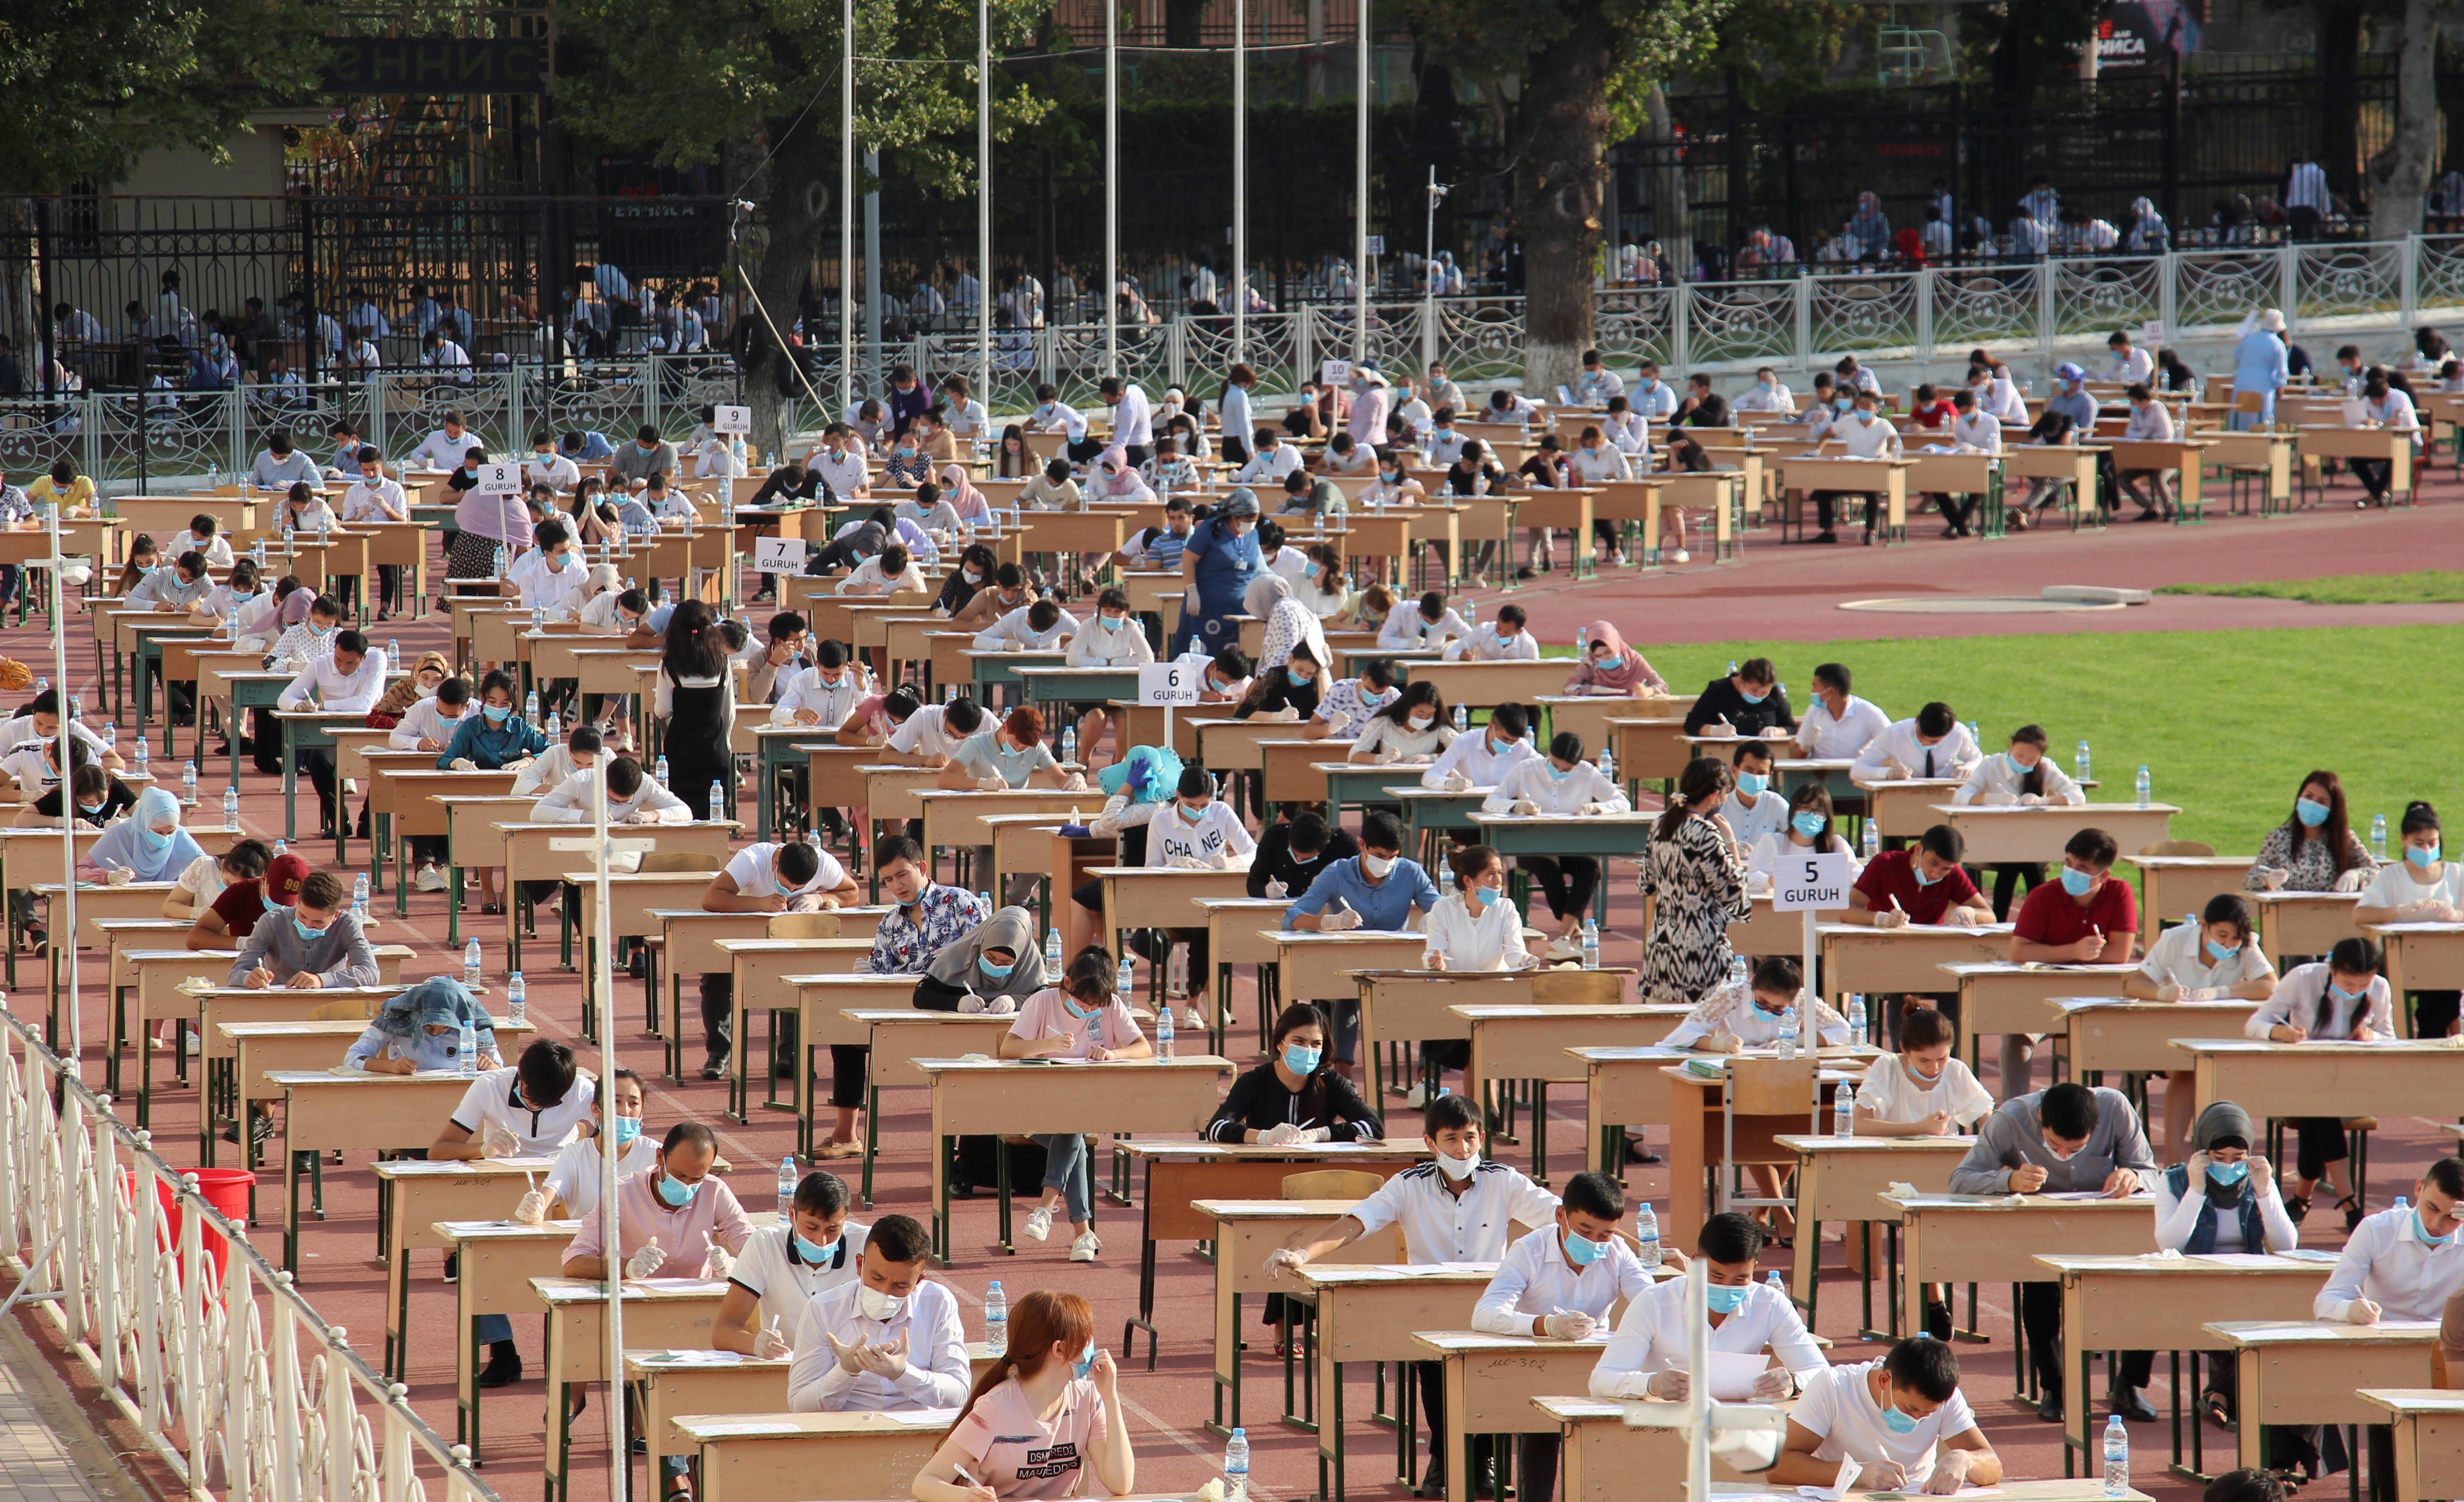 Los solicitantes de ingreso a la universidad en Uzbekistán están haciendo exámenes de ingreso en el exterior.